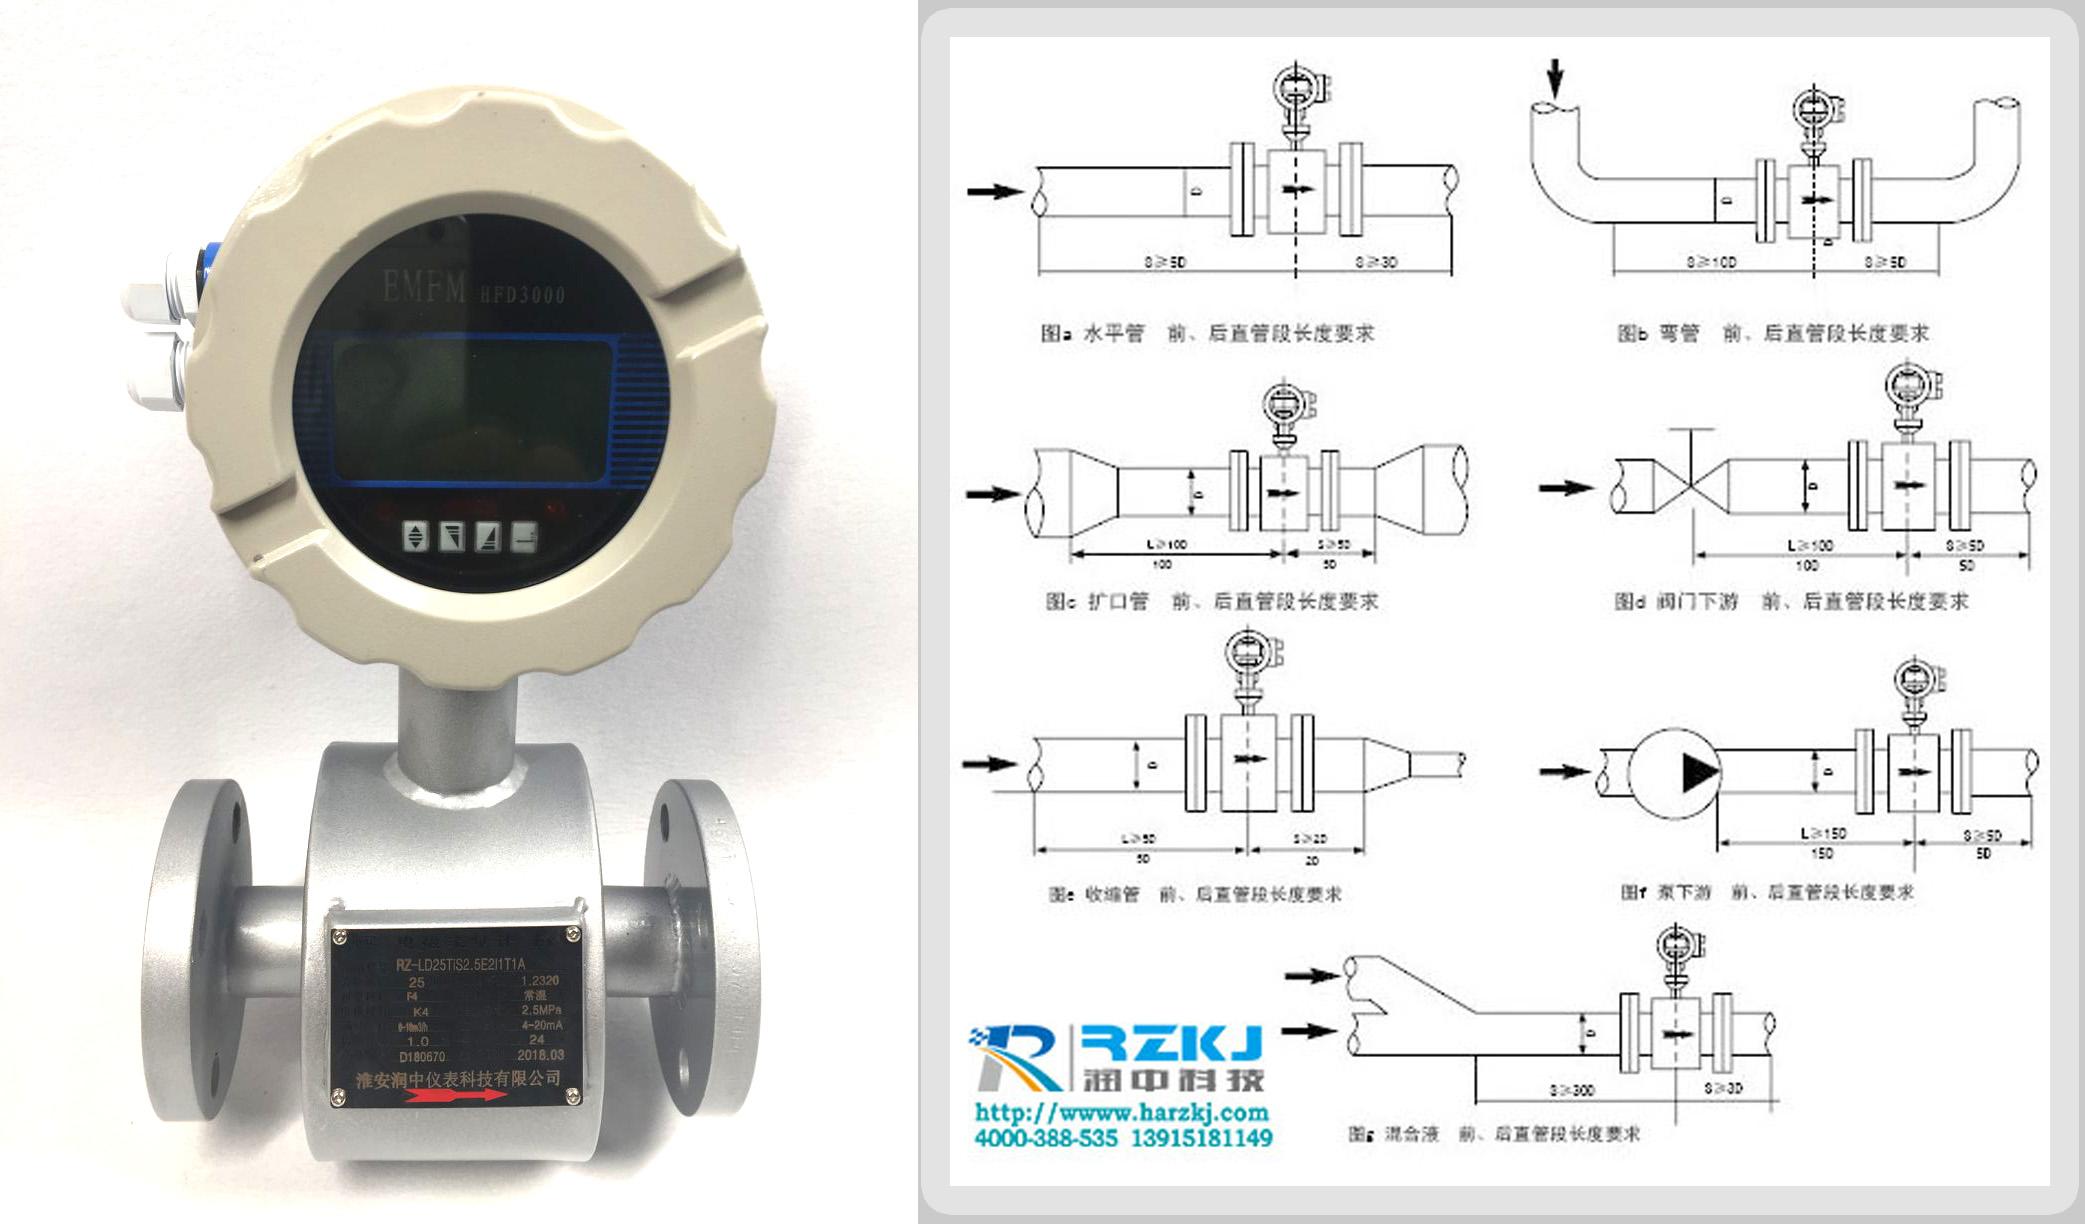 电磁流量计对于直管段的要求示意图